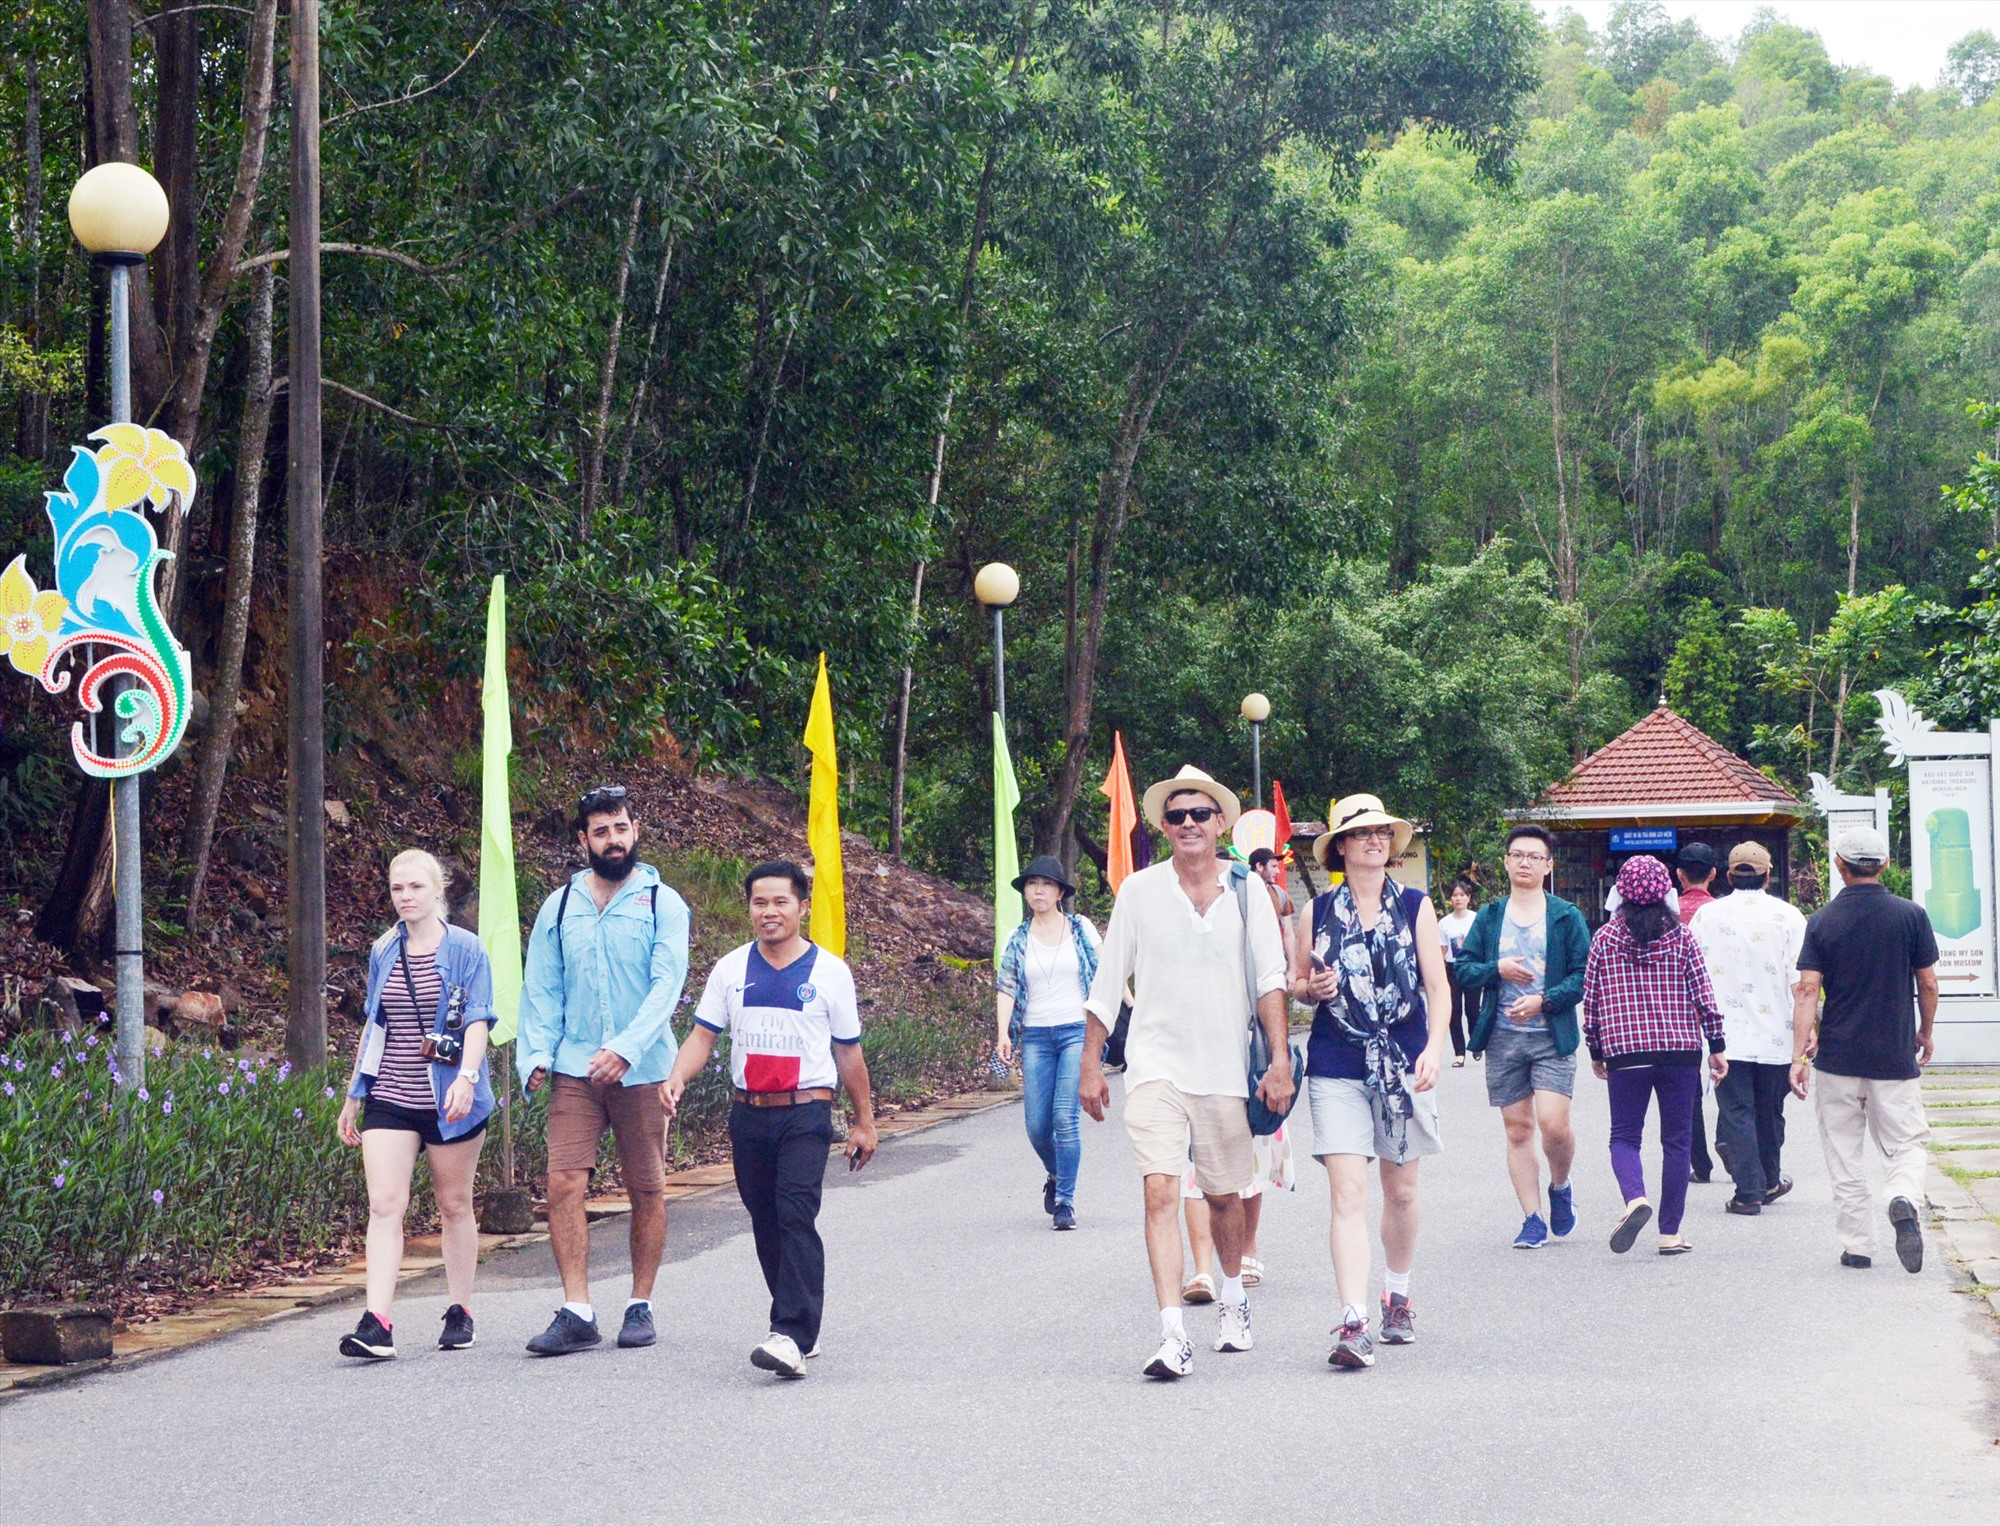 Những năm qua, ngành du lịch Quảng Nam vẫn phụ thuộc lớn vào hai di sản Hội An, Mỹ Sơn. Ảnh: T.L